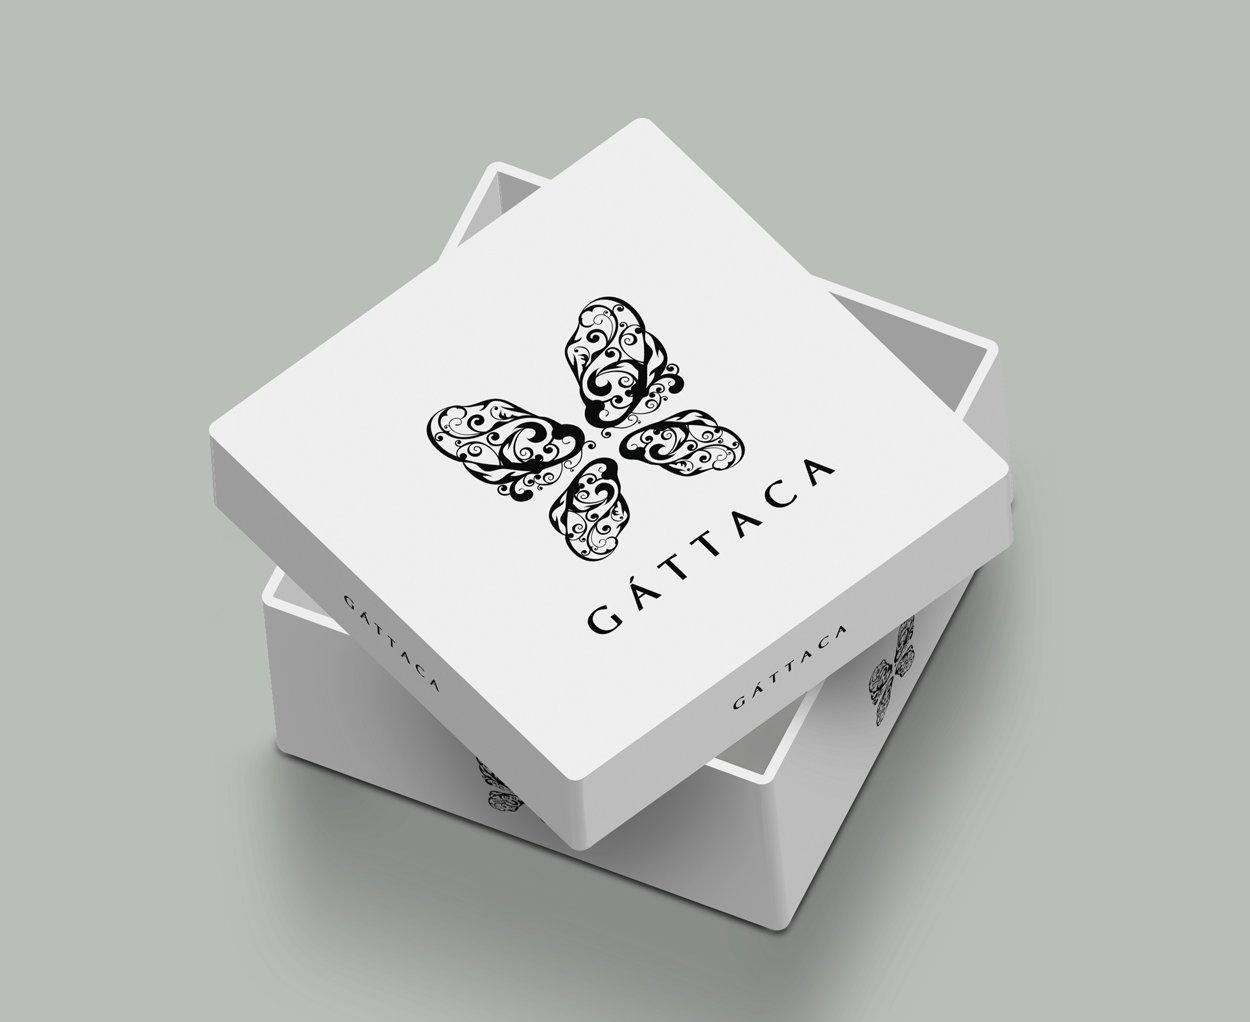 Gáttaca